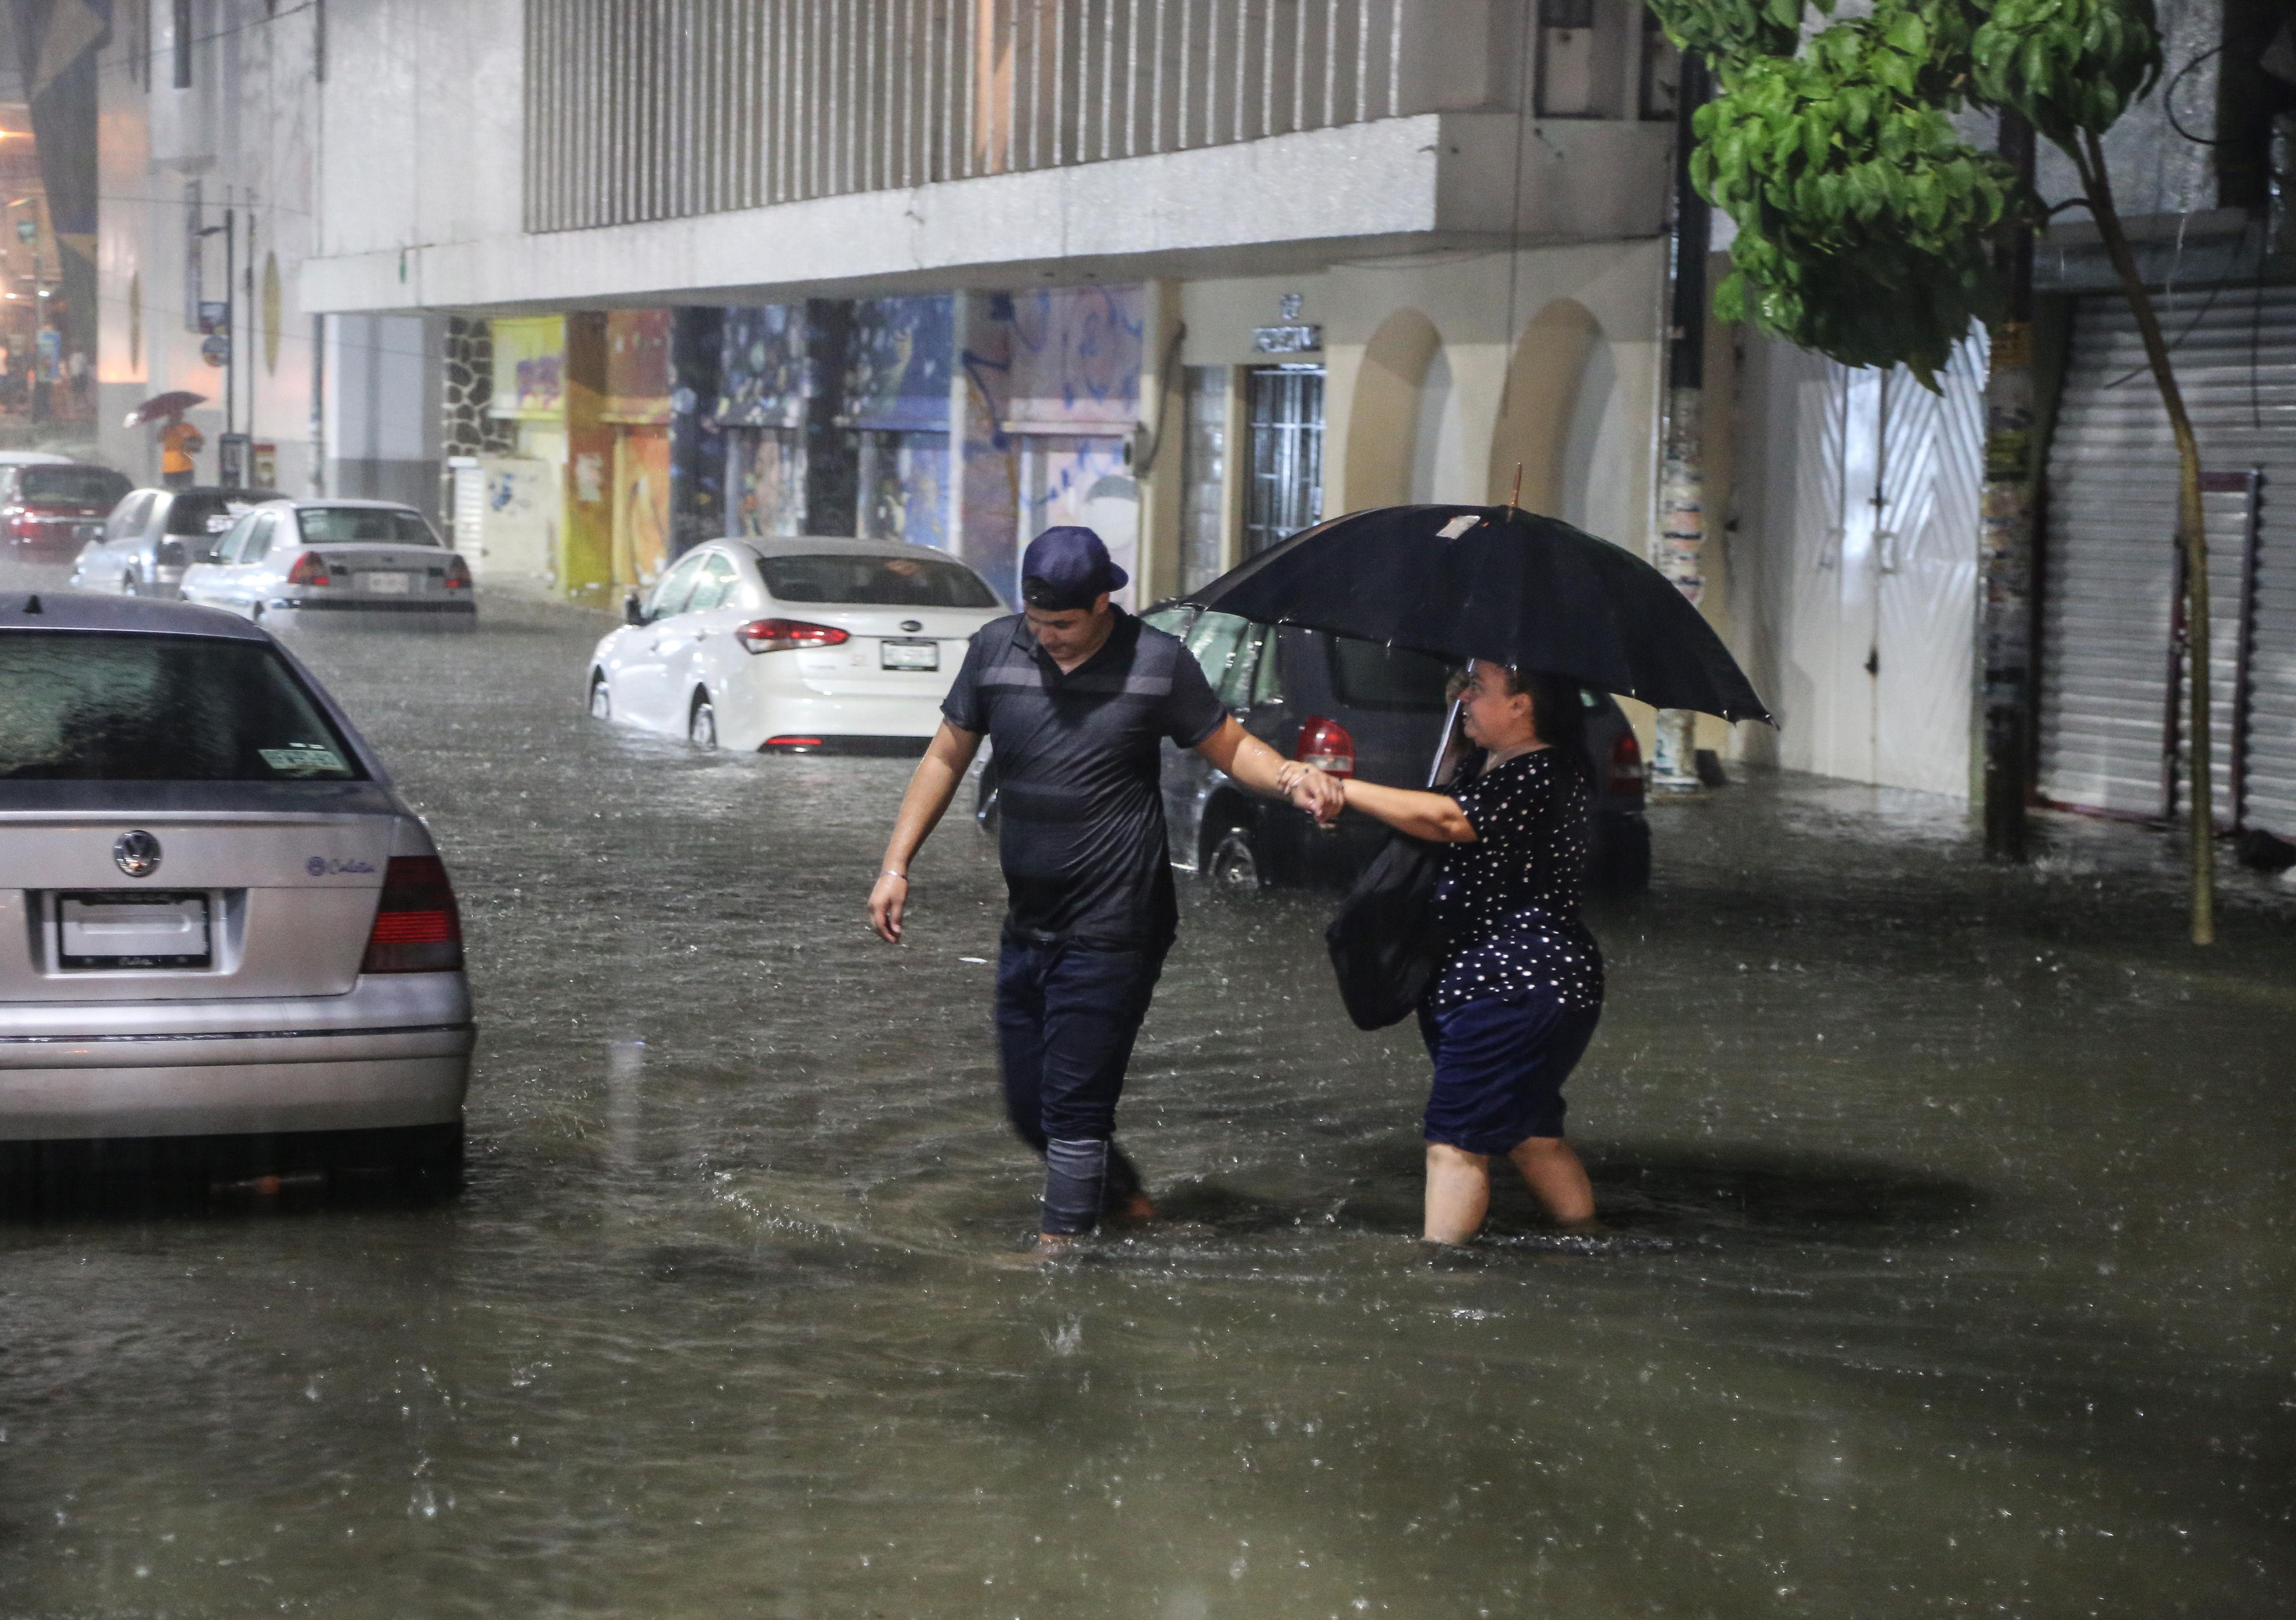 Dos personas cruzan una calle inundada n el puerto de Acapulco. (EFE/David Guzmán)